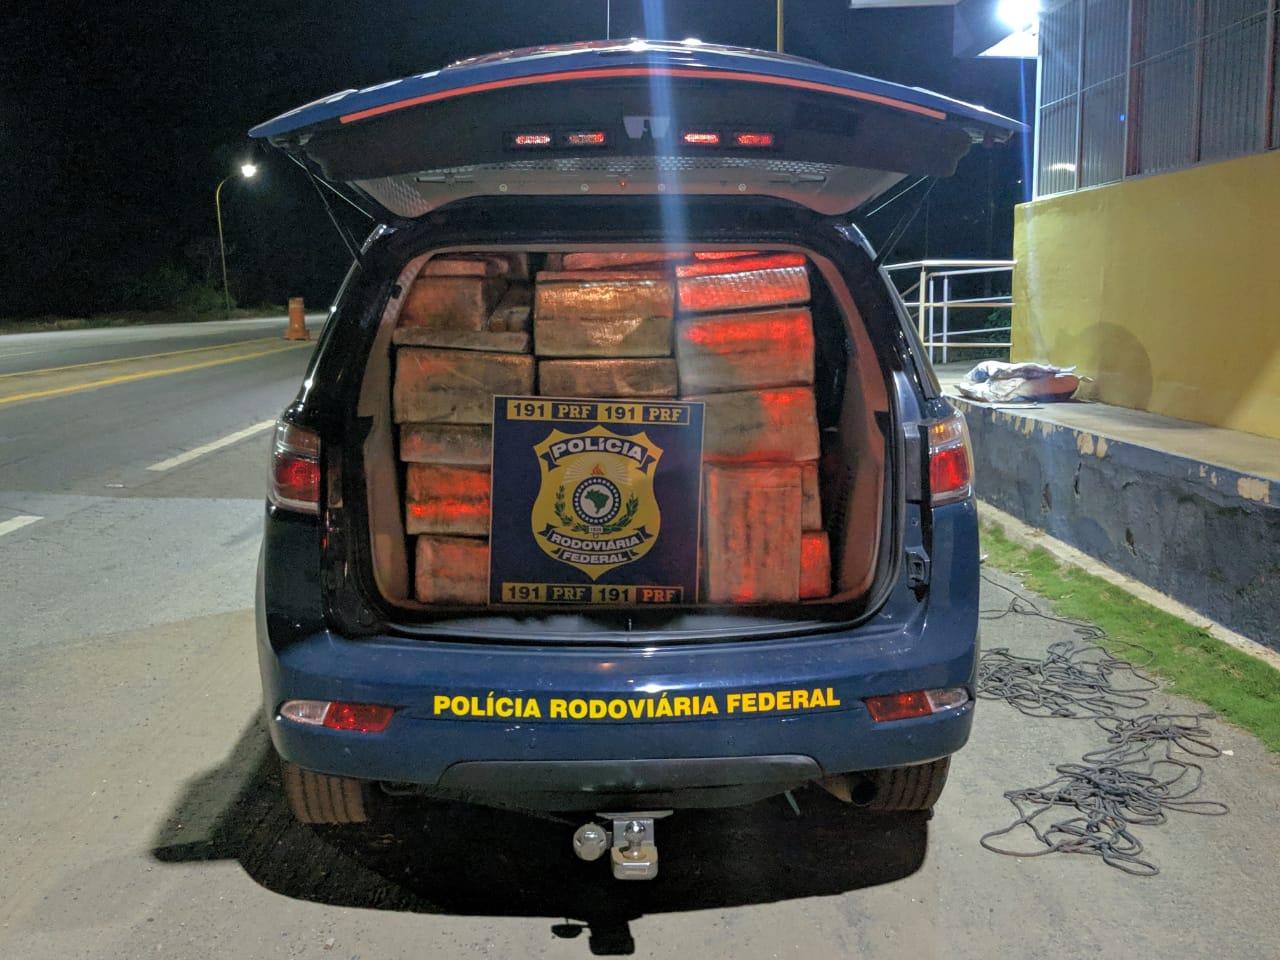 Droga PRF Rio Casca (1)